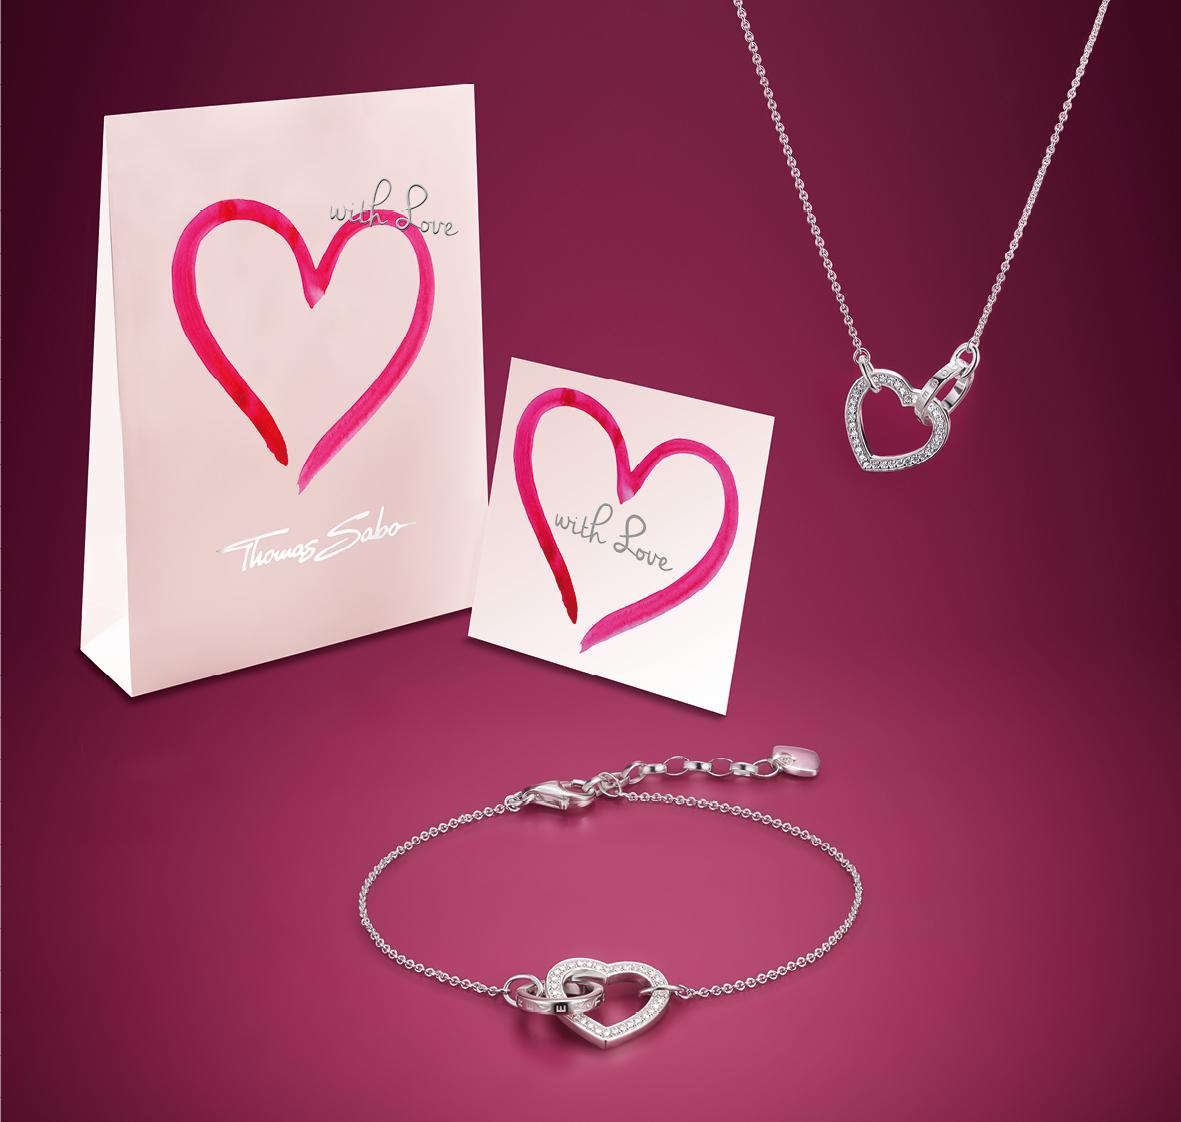 Eine Pretiose Am Valentinstag Ist Eine Der Besten Geschenkideen Für Den Tag  Der Liebenden: Sie Ist Zeitlos, überzeugend Und Ein Beständiger Beweis Der  ...